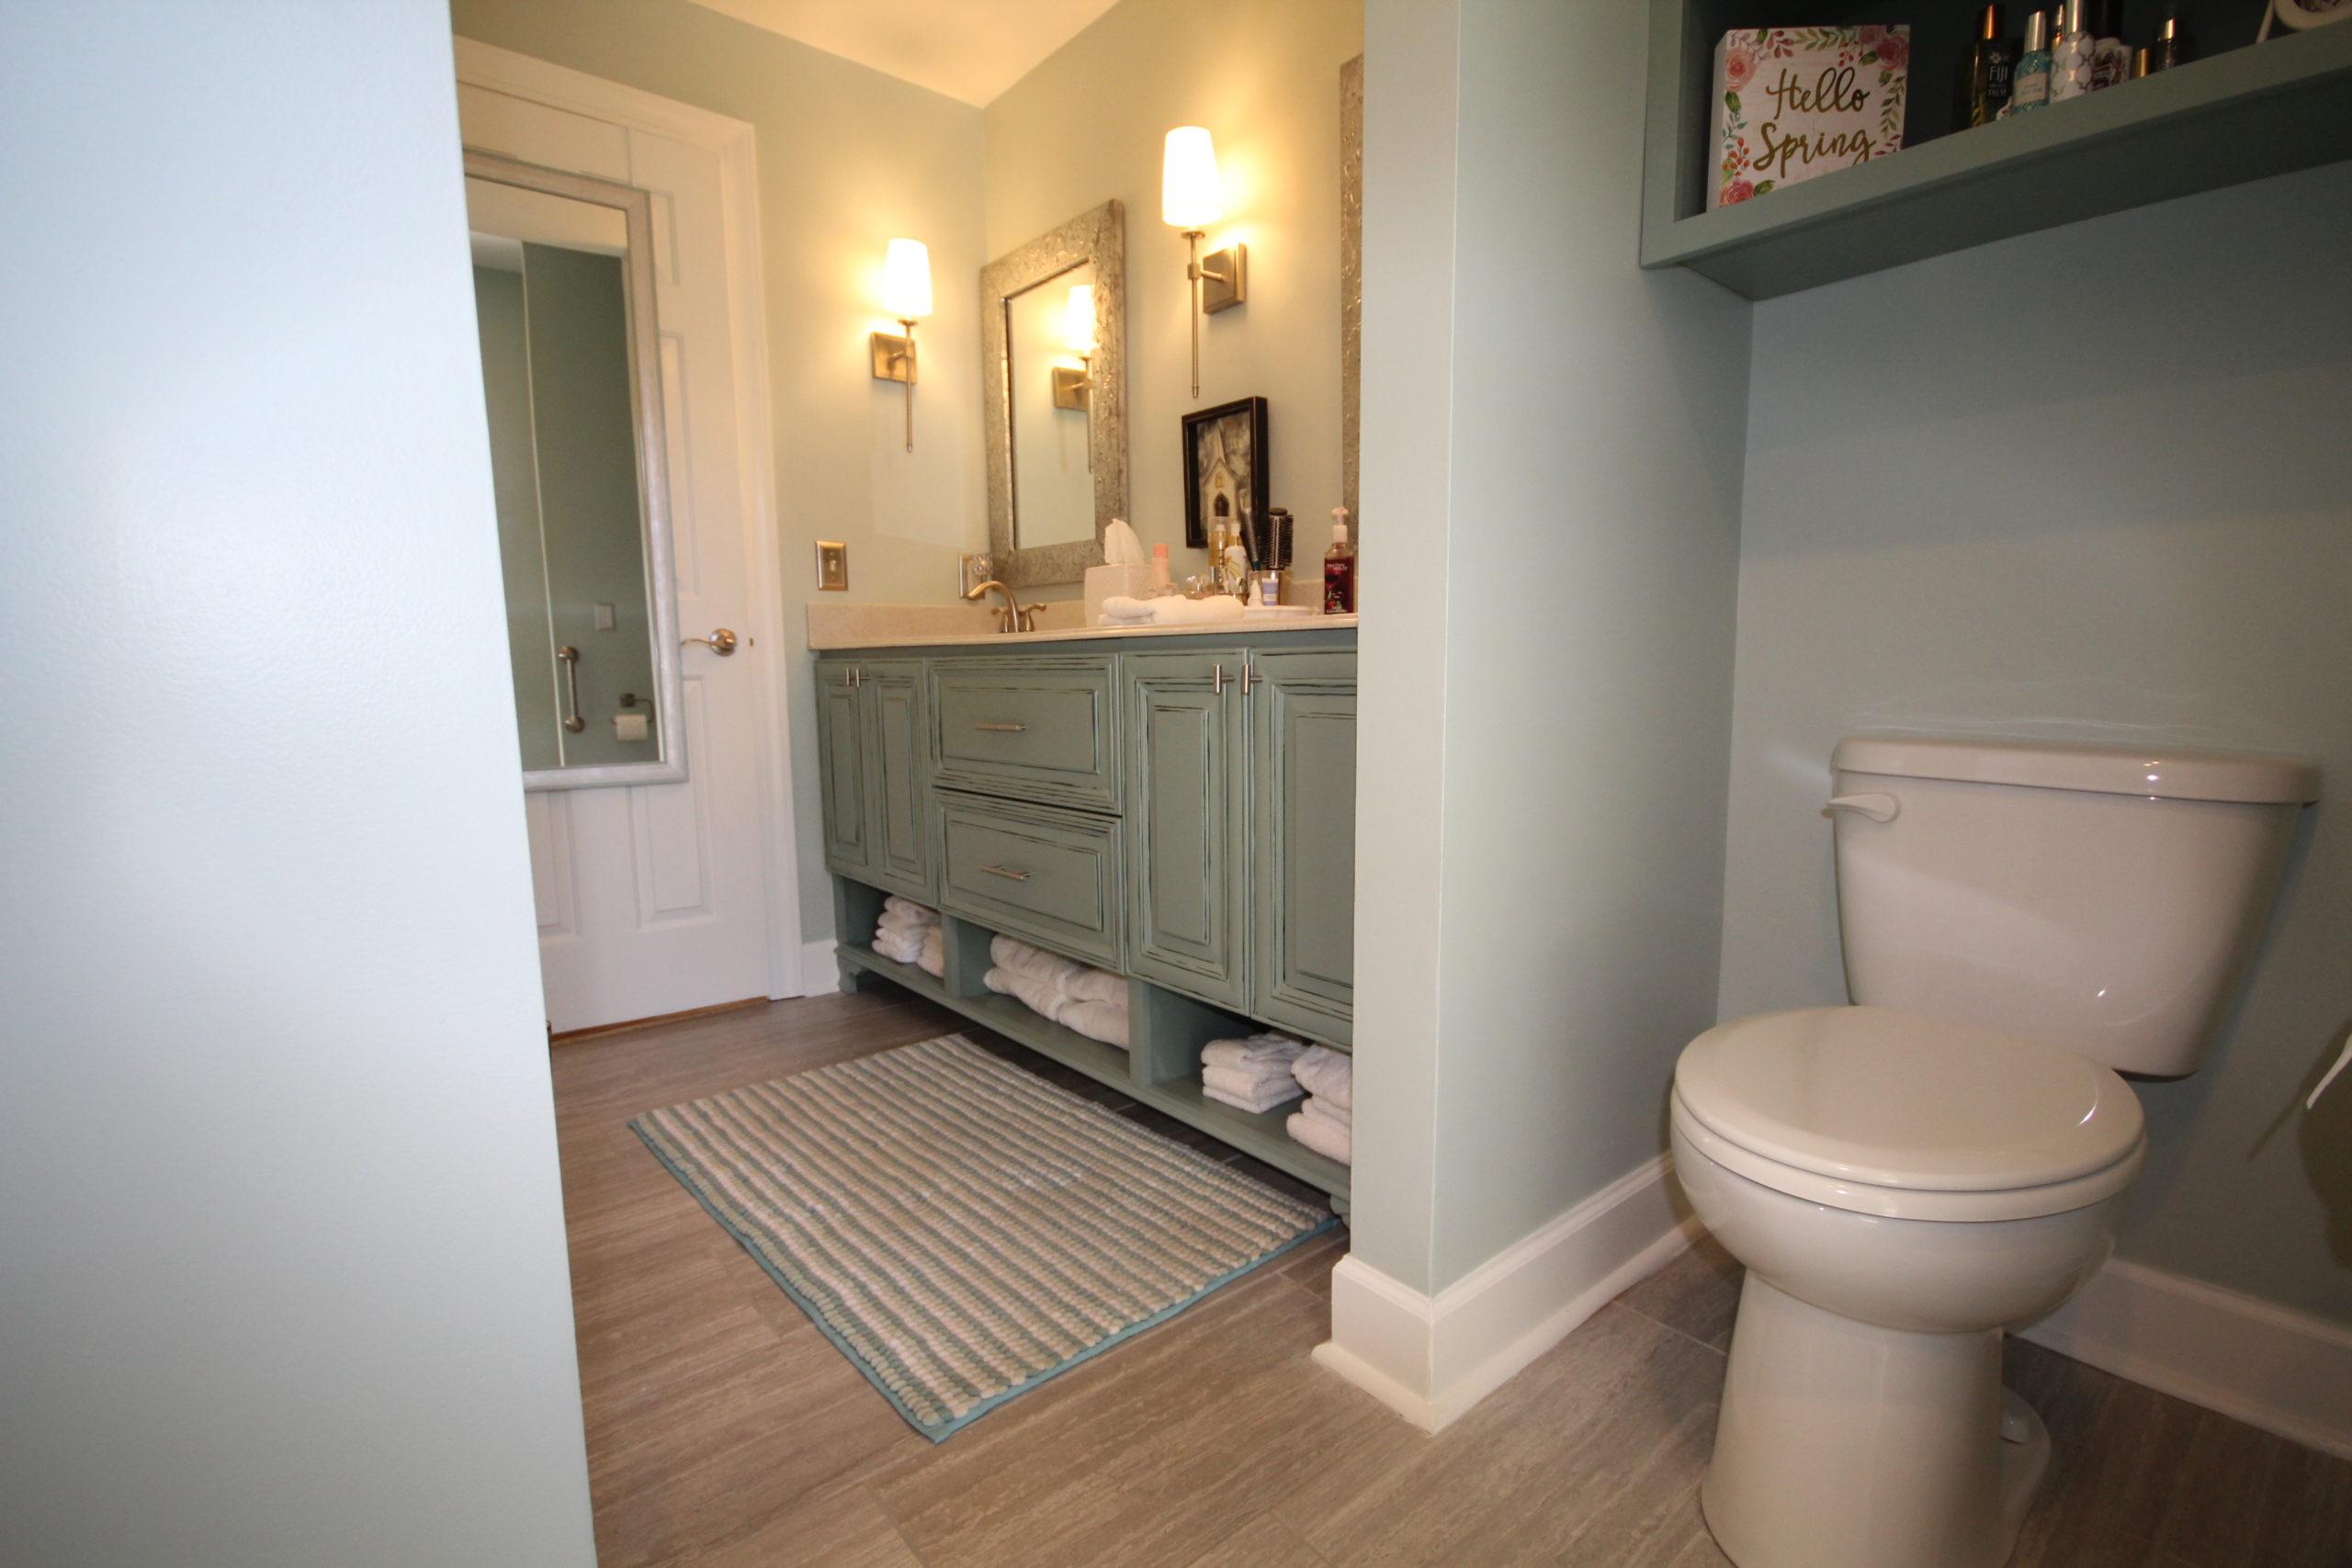 bathroom-remodeling-work-TAG-Builders-232-GV-Bathroom-Remodel-7-scaled